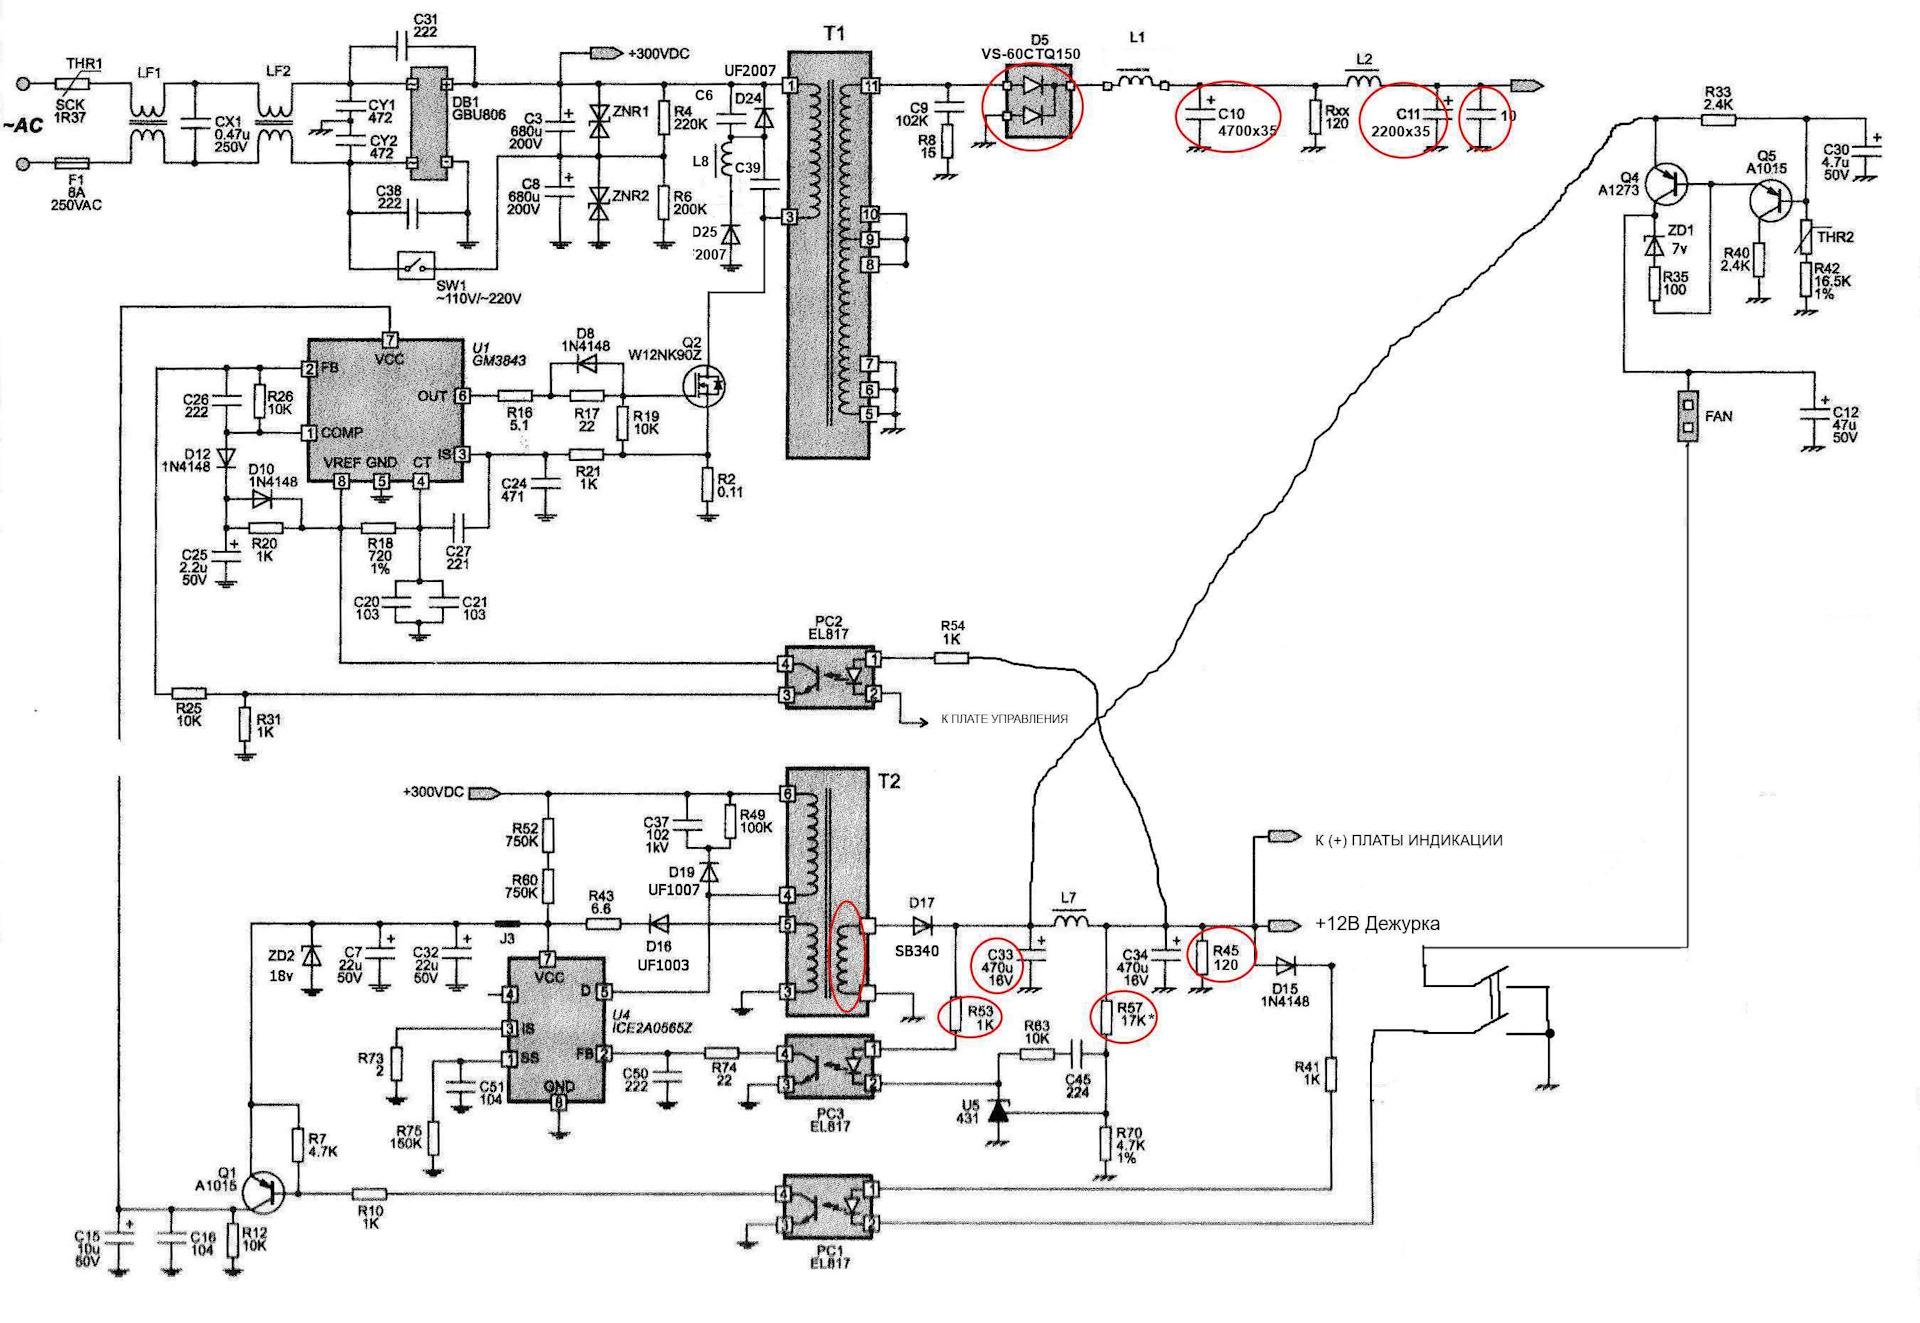 Tl431 схема включения с оптопарой фото 119